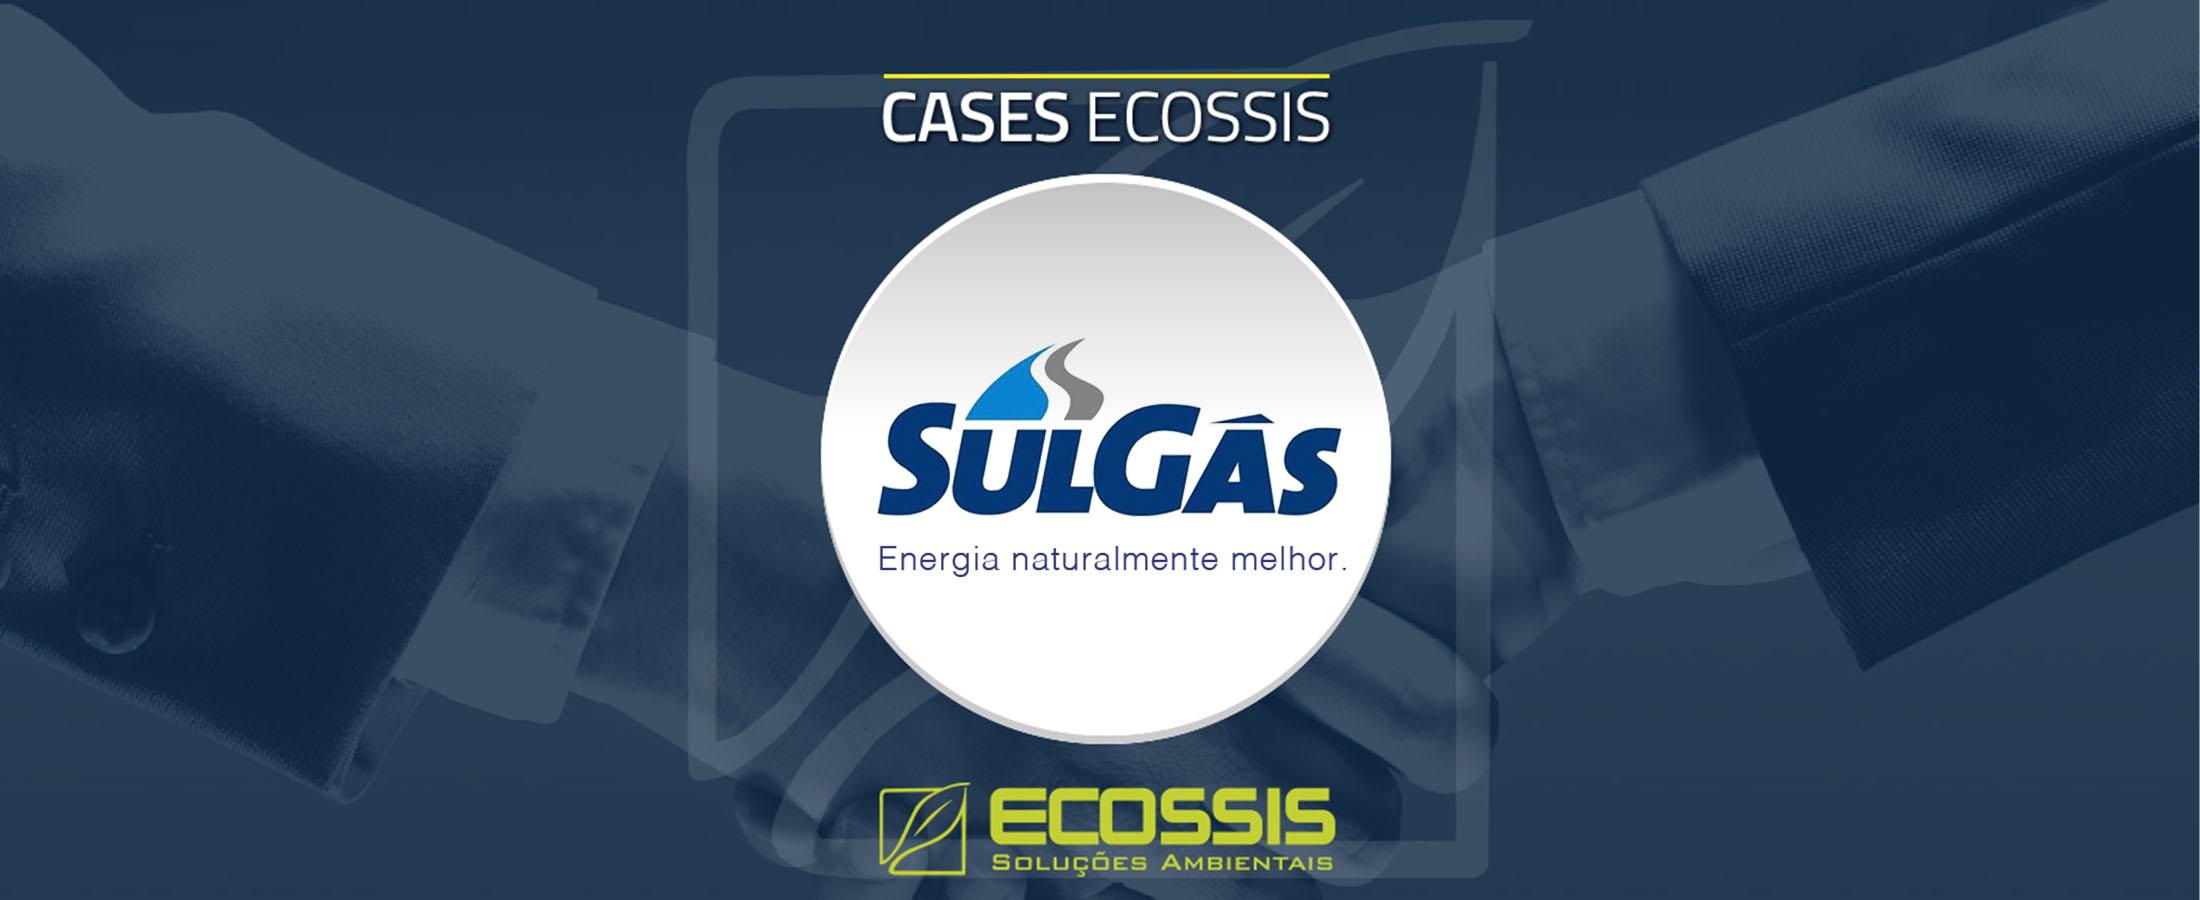 Ecossis realiza Serviços Técnicos Ambientais para a SULGÁS